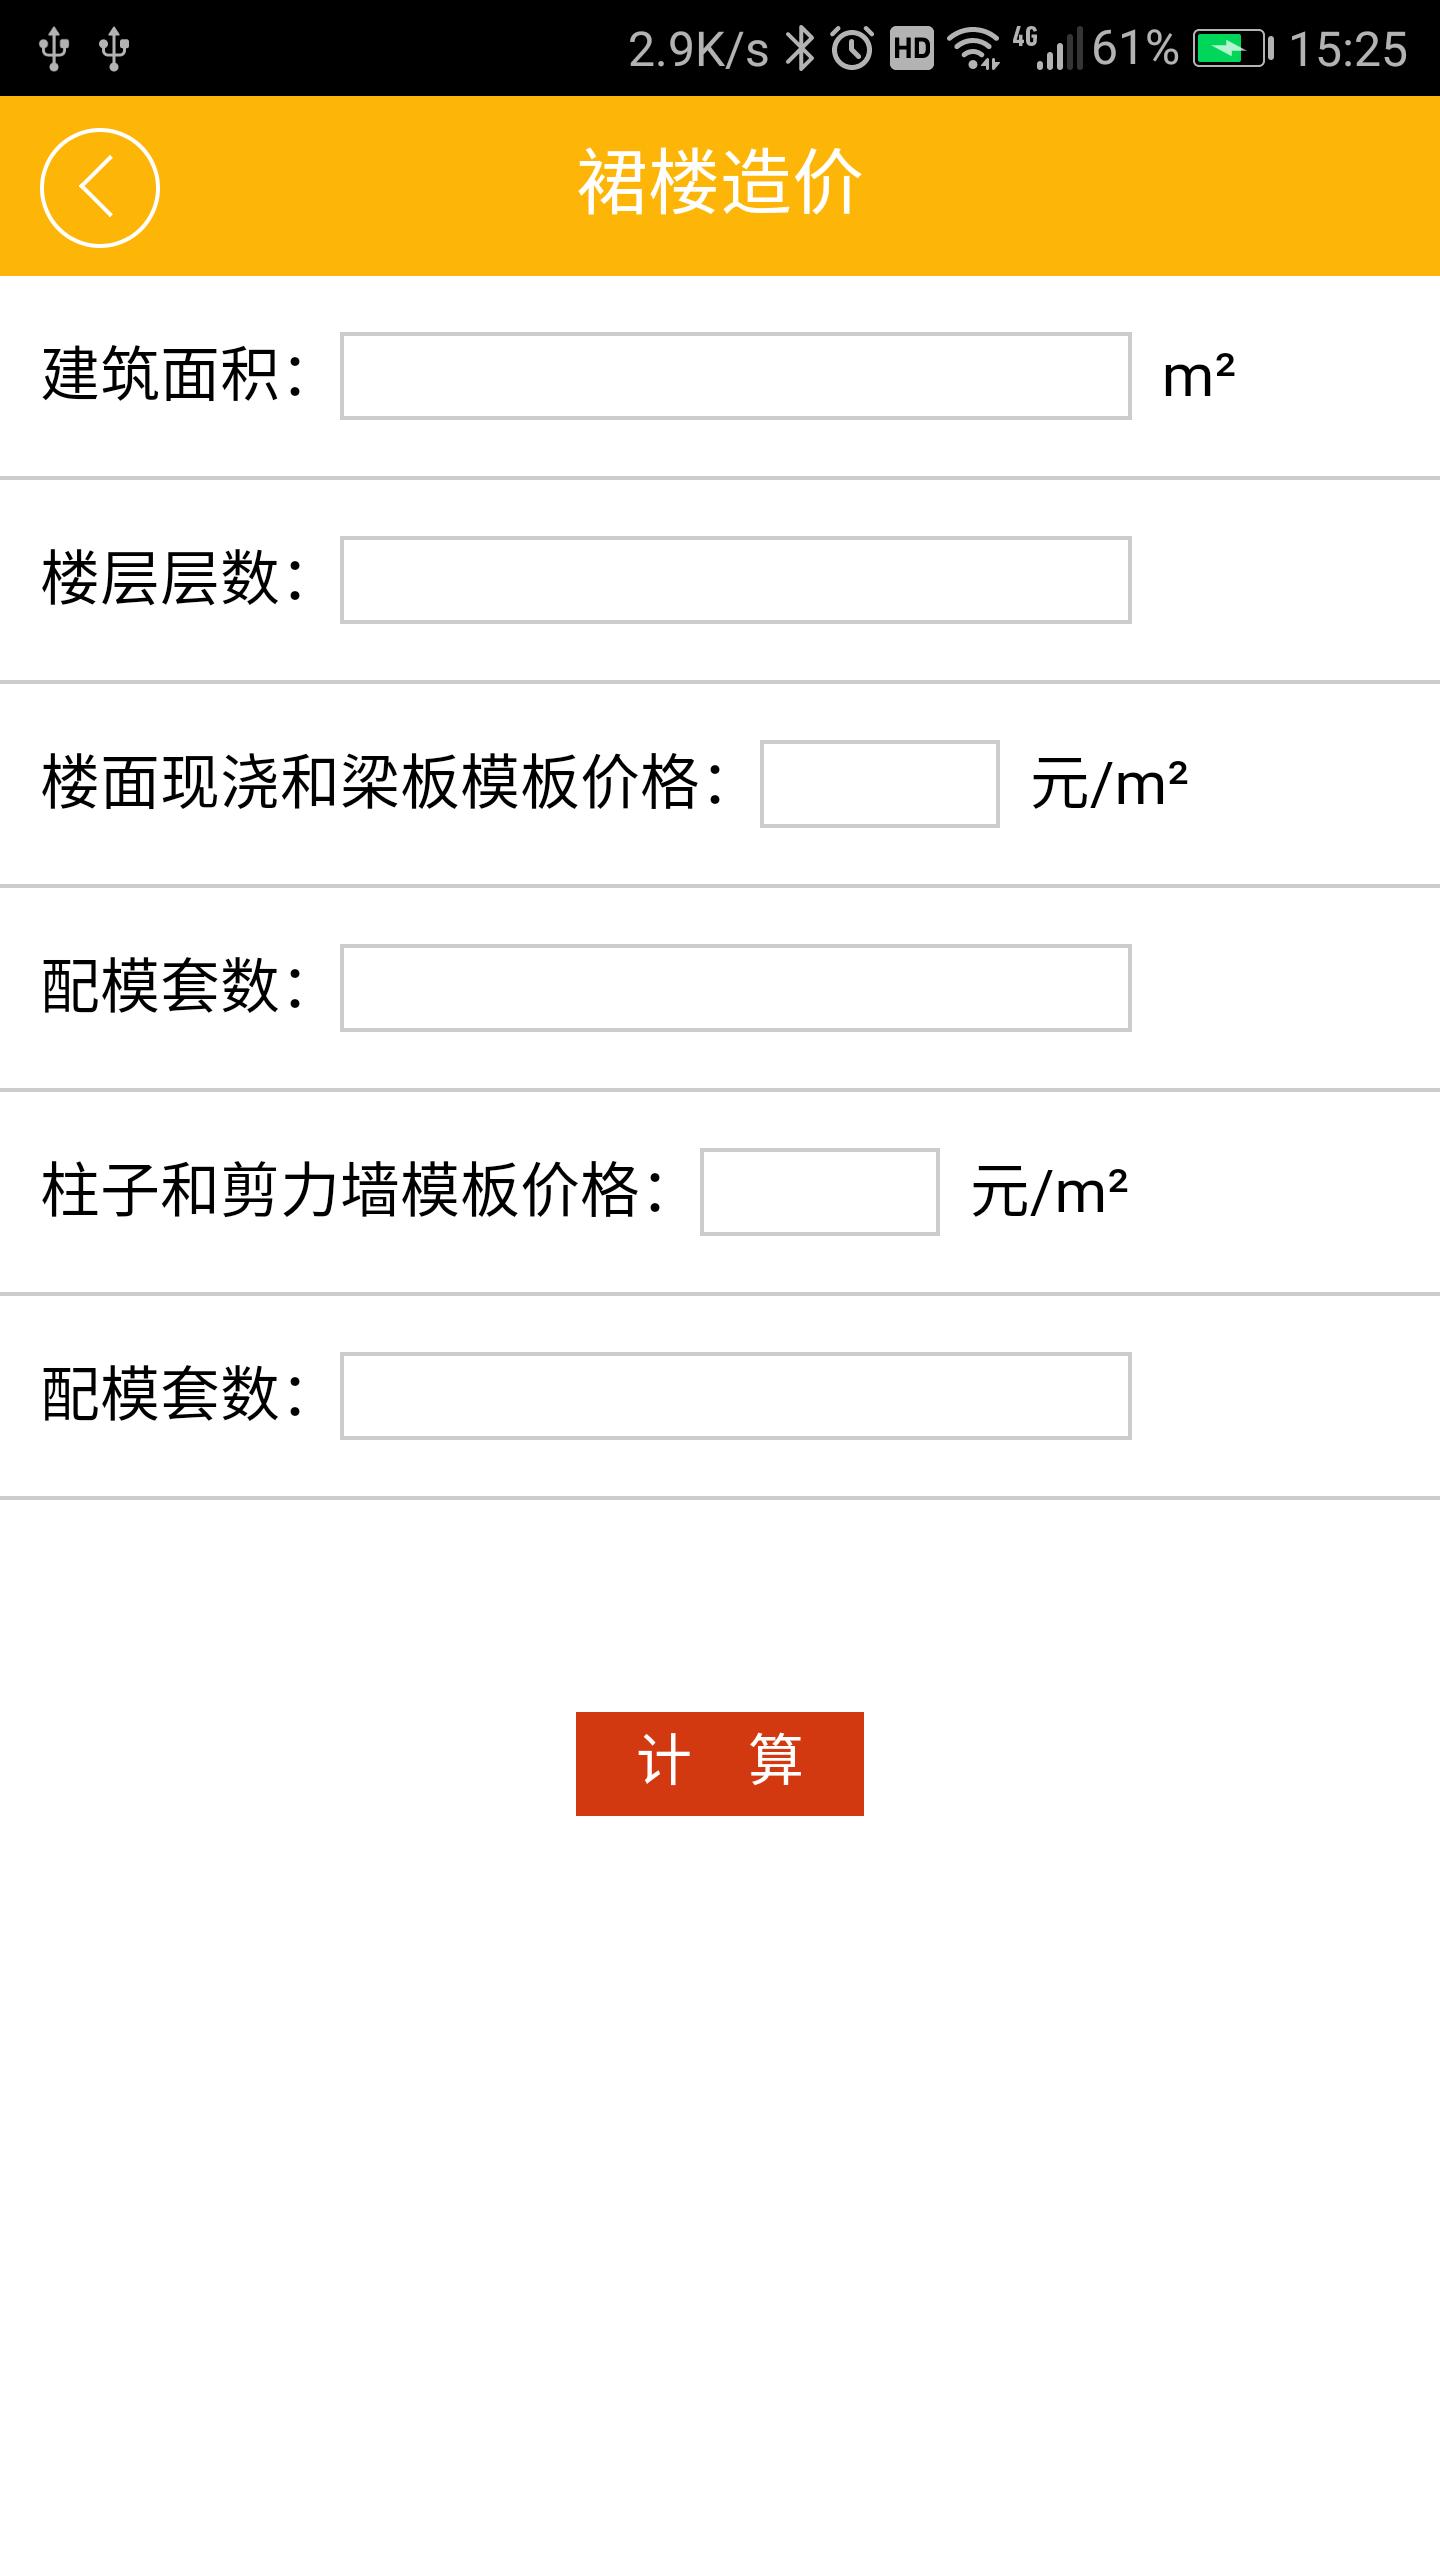 建筑模板用量计算器 v1.0